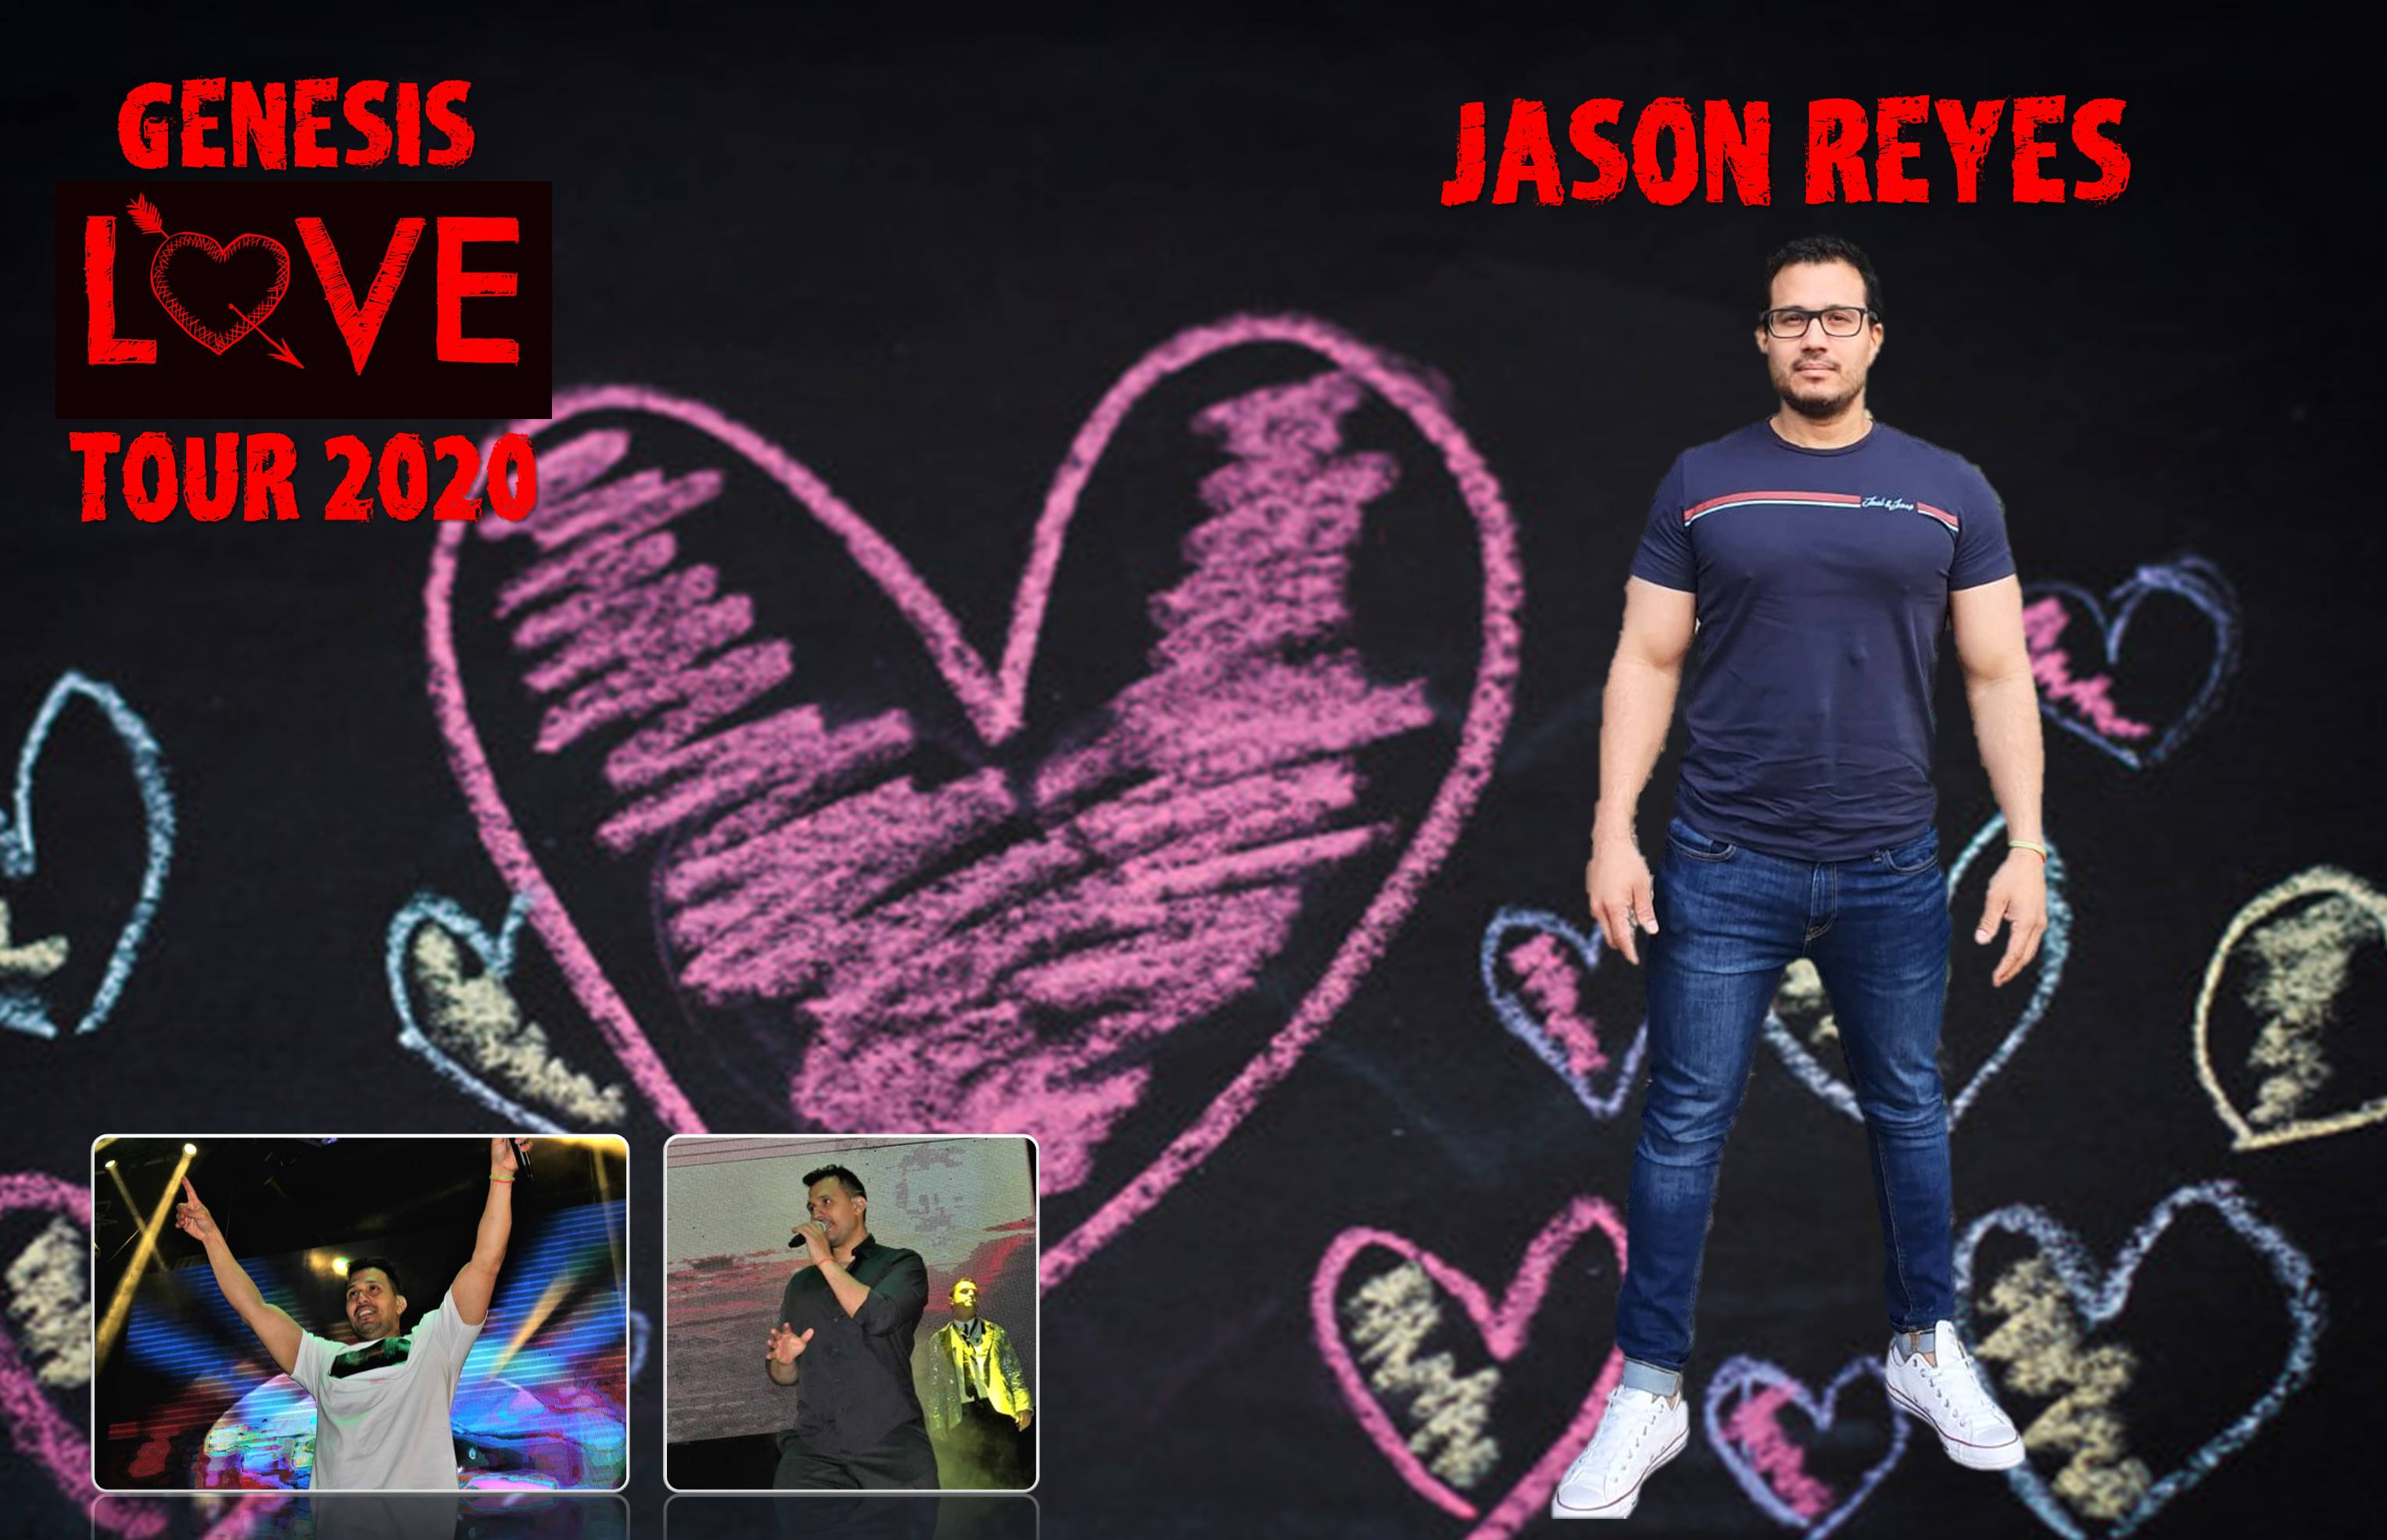 Jason Reyes